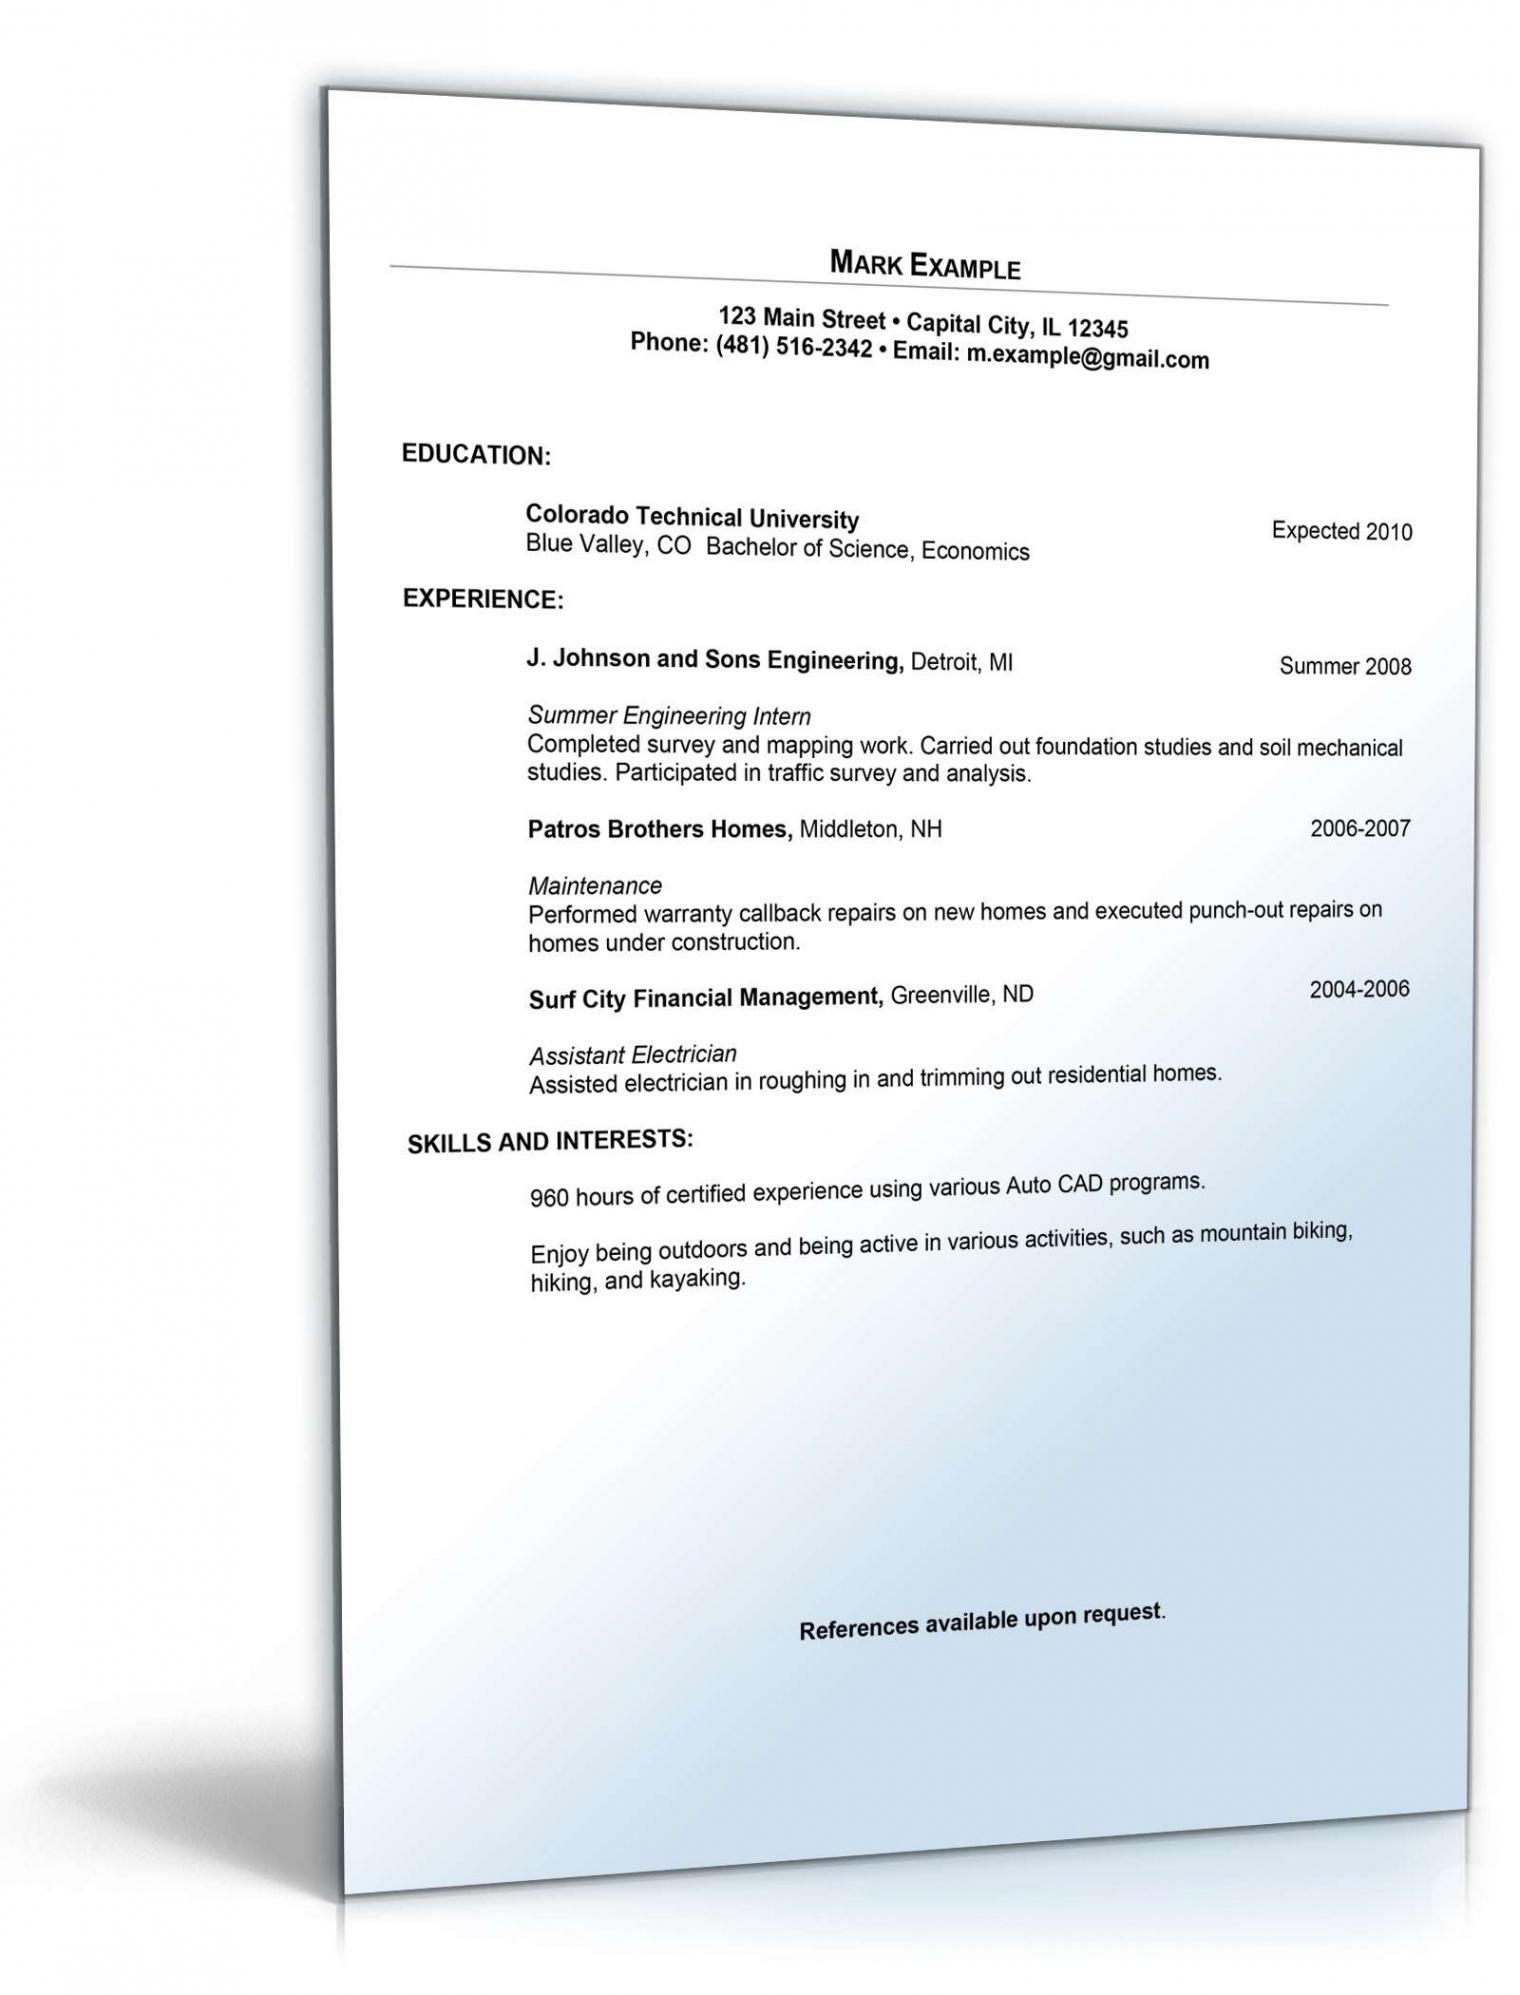 Porbe von  Lebenslauf Praktikum Englisch  Muster Zum Download Muster Lebenslauf Englisch Praktikum